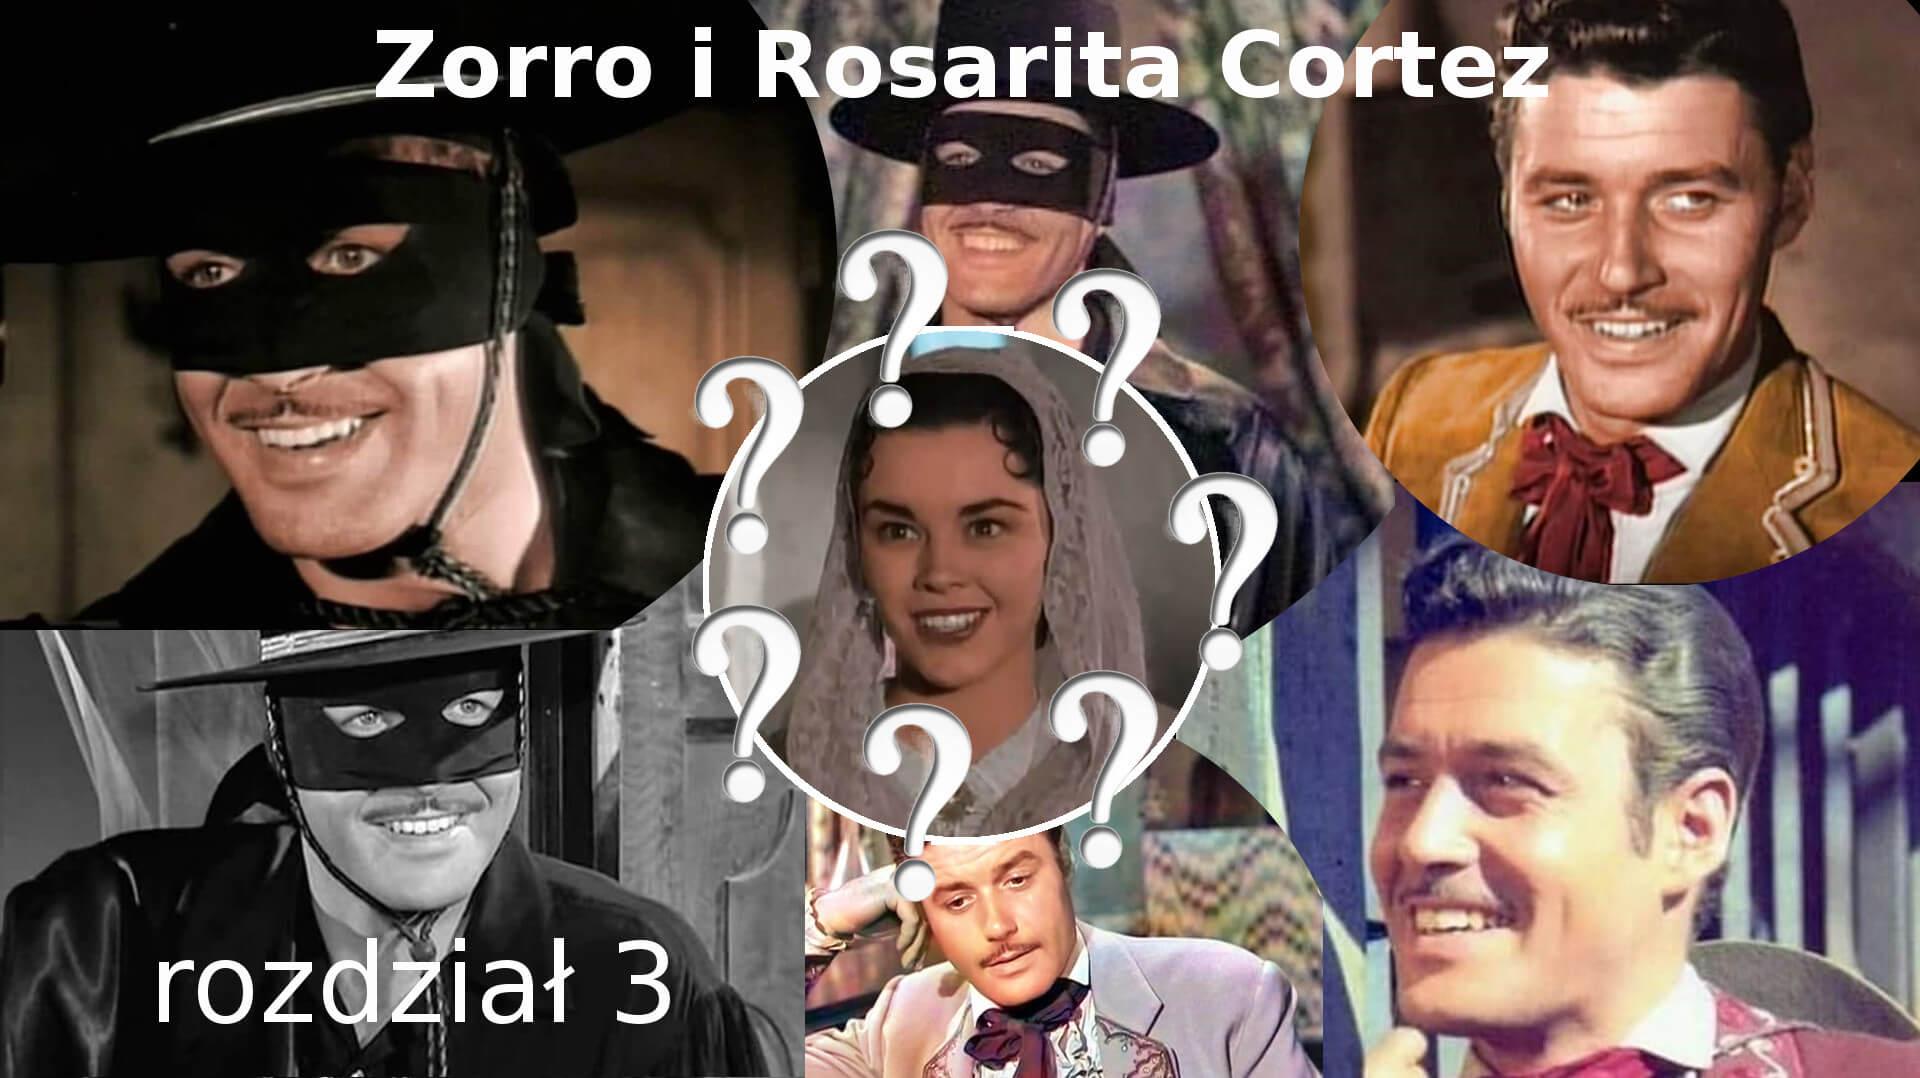 Zorro i Rosarita Cortez rozdział 3 Zorro fanfiction